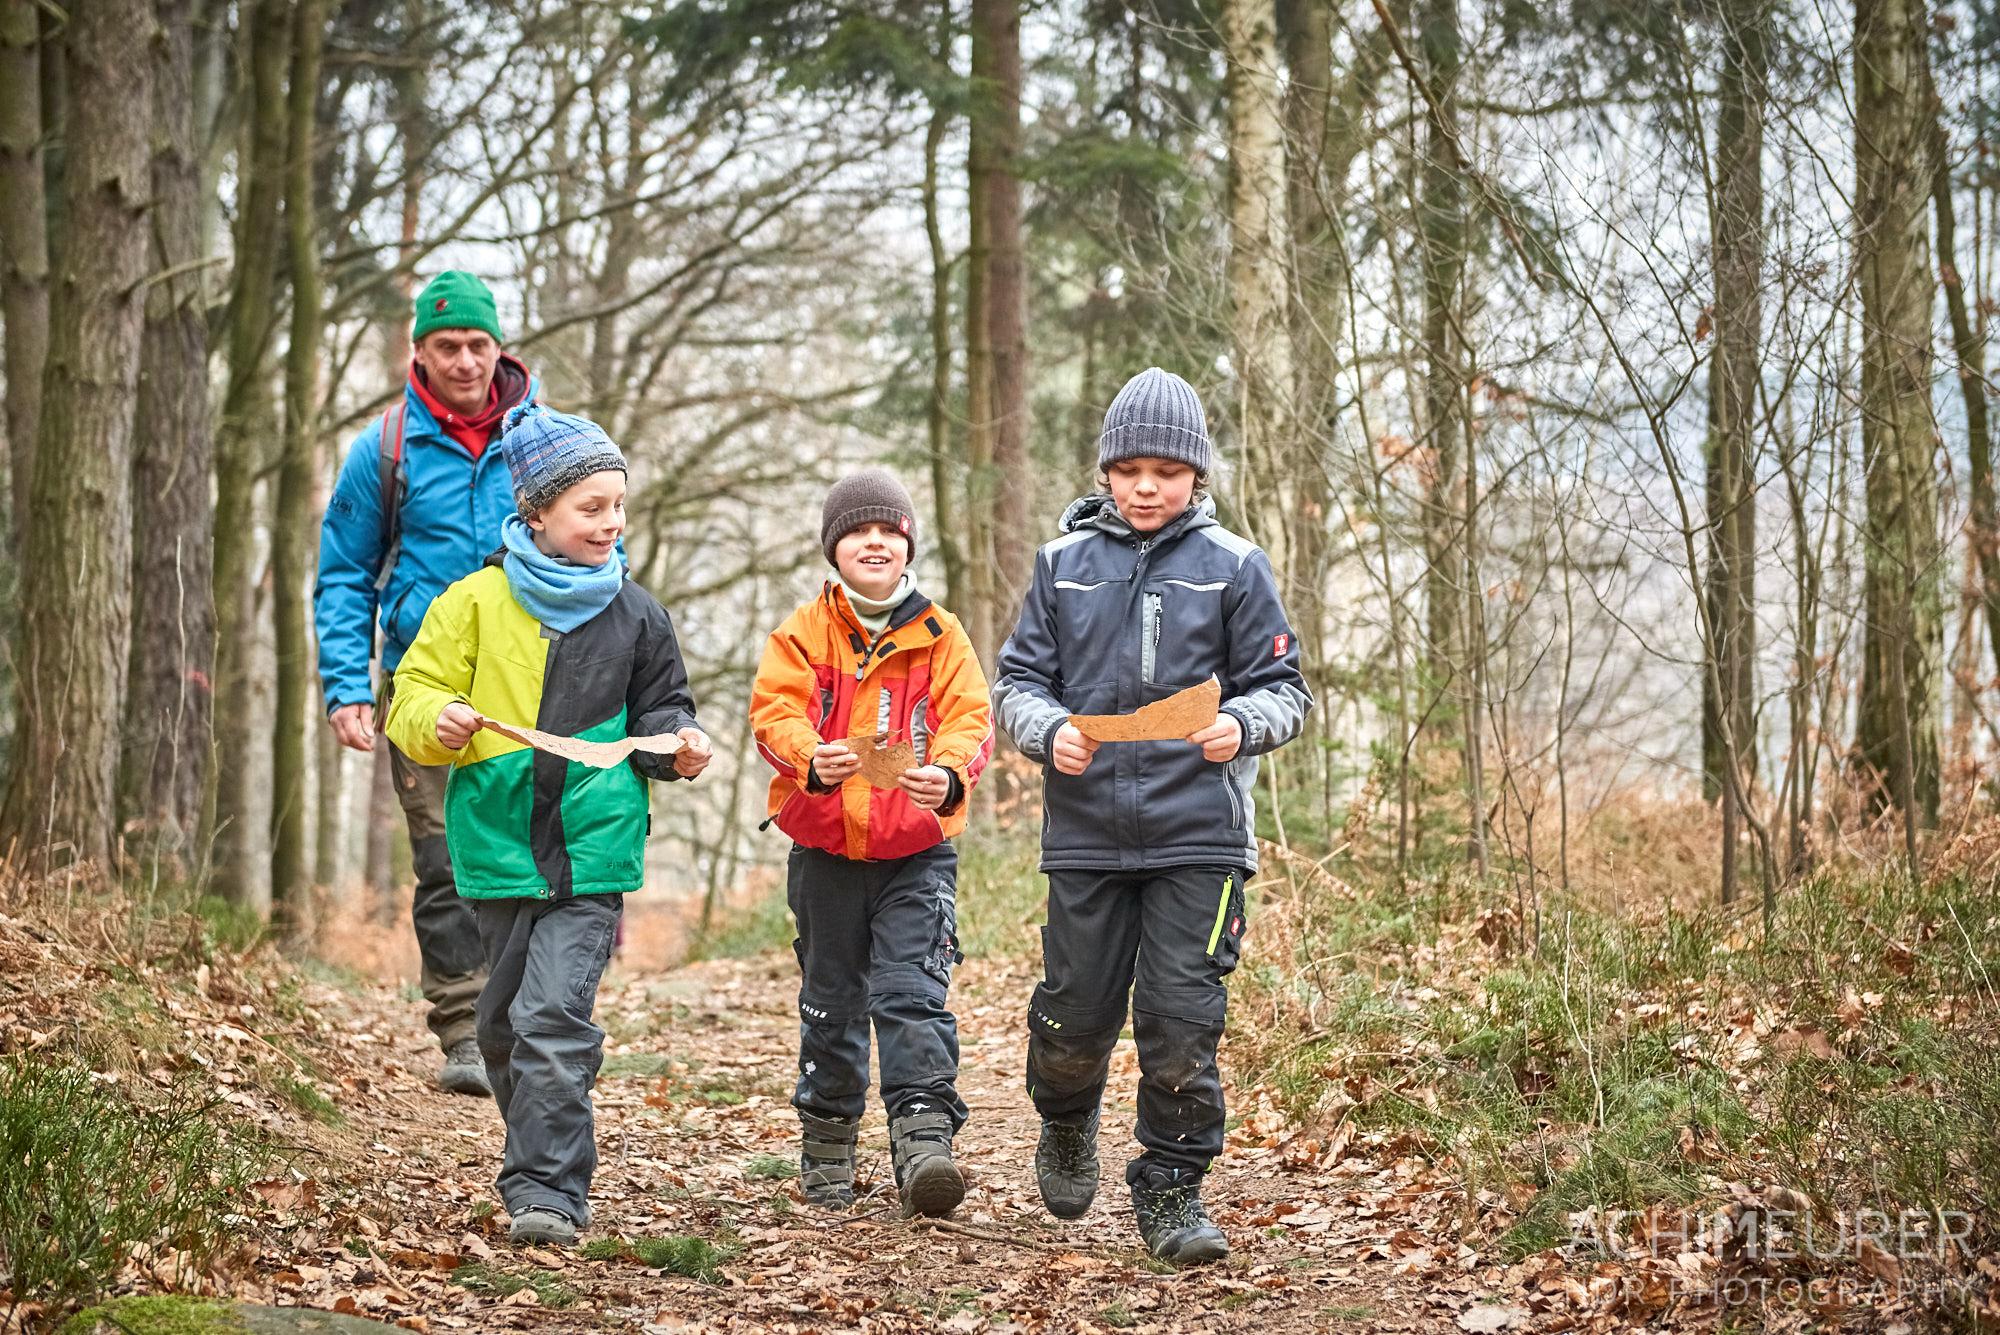 Wanderung für Kinder mit Schatzsuche, Sächsische Schweiz by AchimMeurer.com.